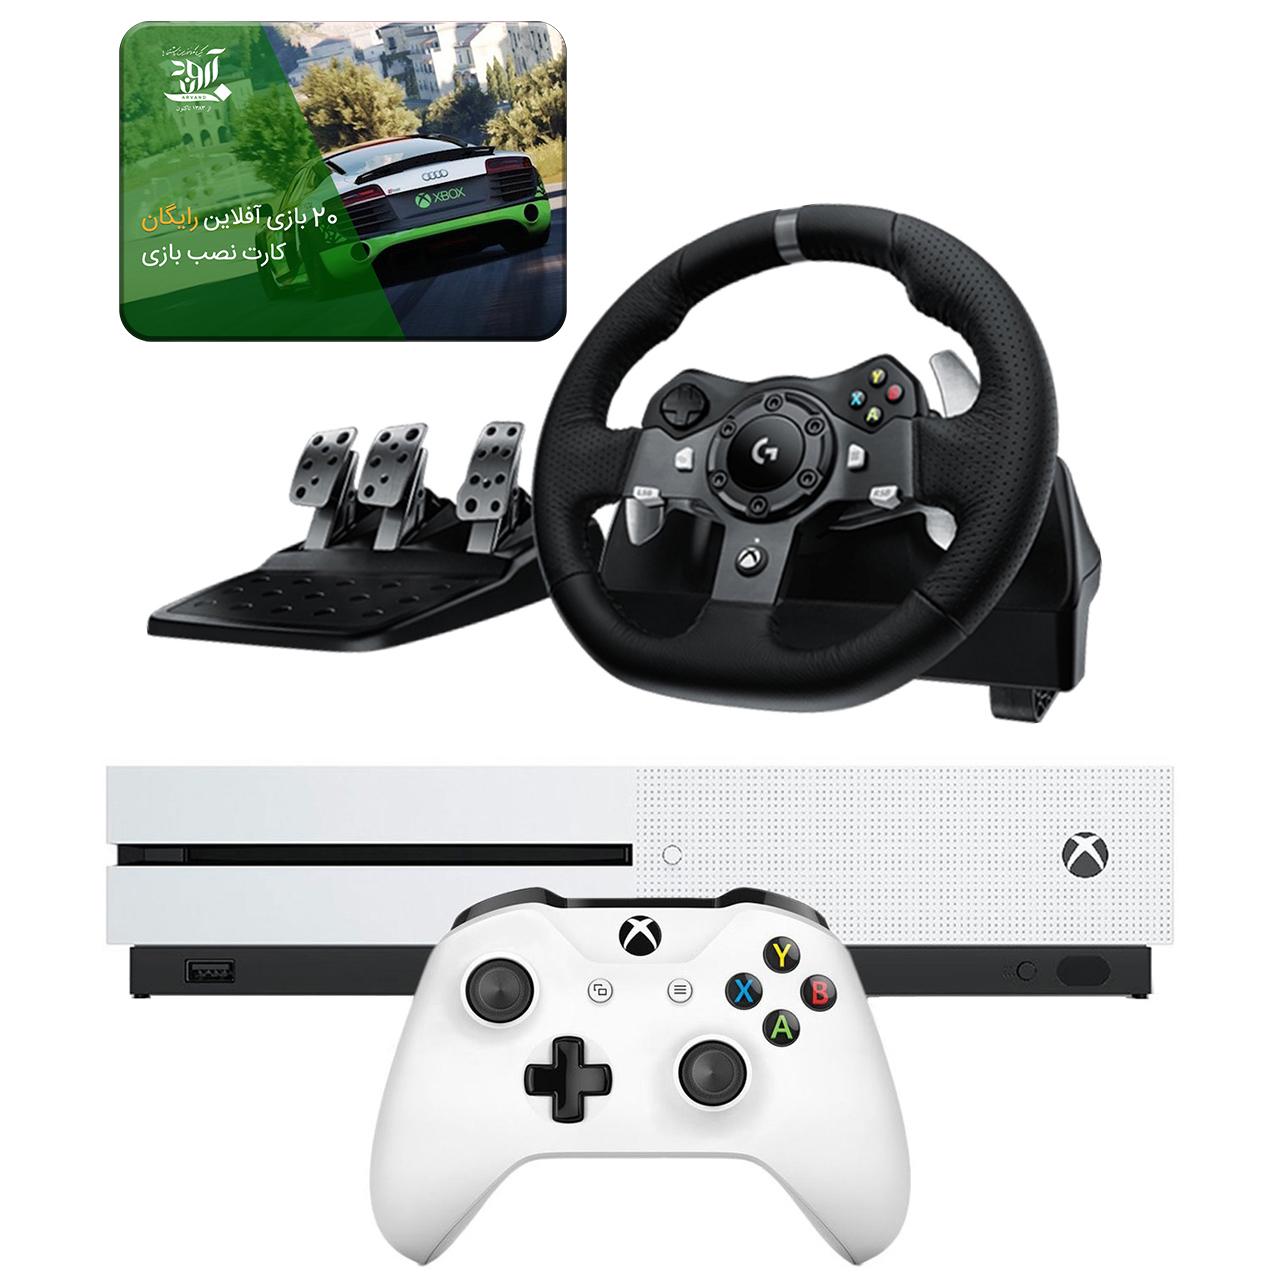 عکس مجموعه کنسول بازی مایکروسافت مدل Xbox One S ظرفیت ۱ ترابایت به همراه 20 عدد بازی